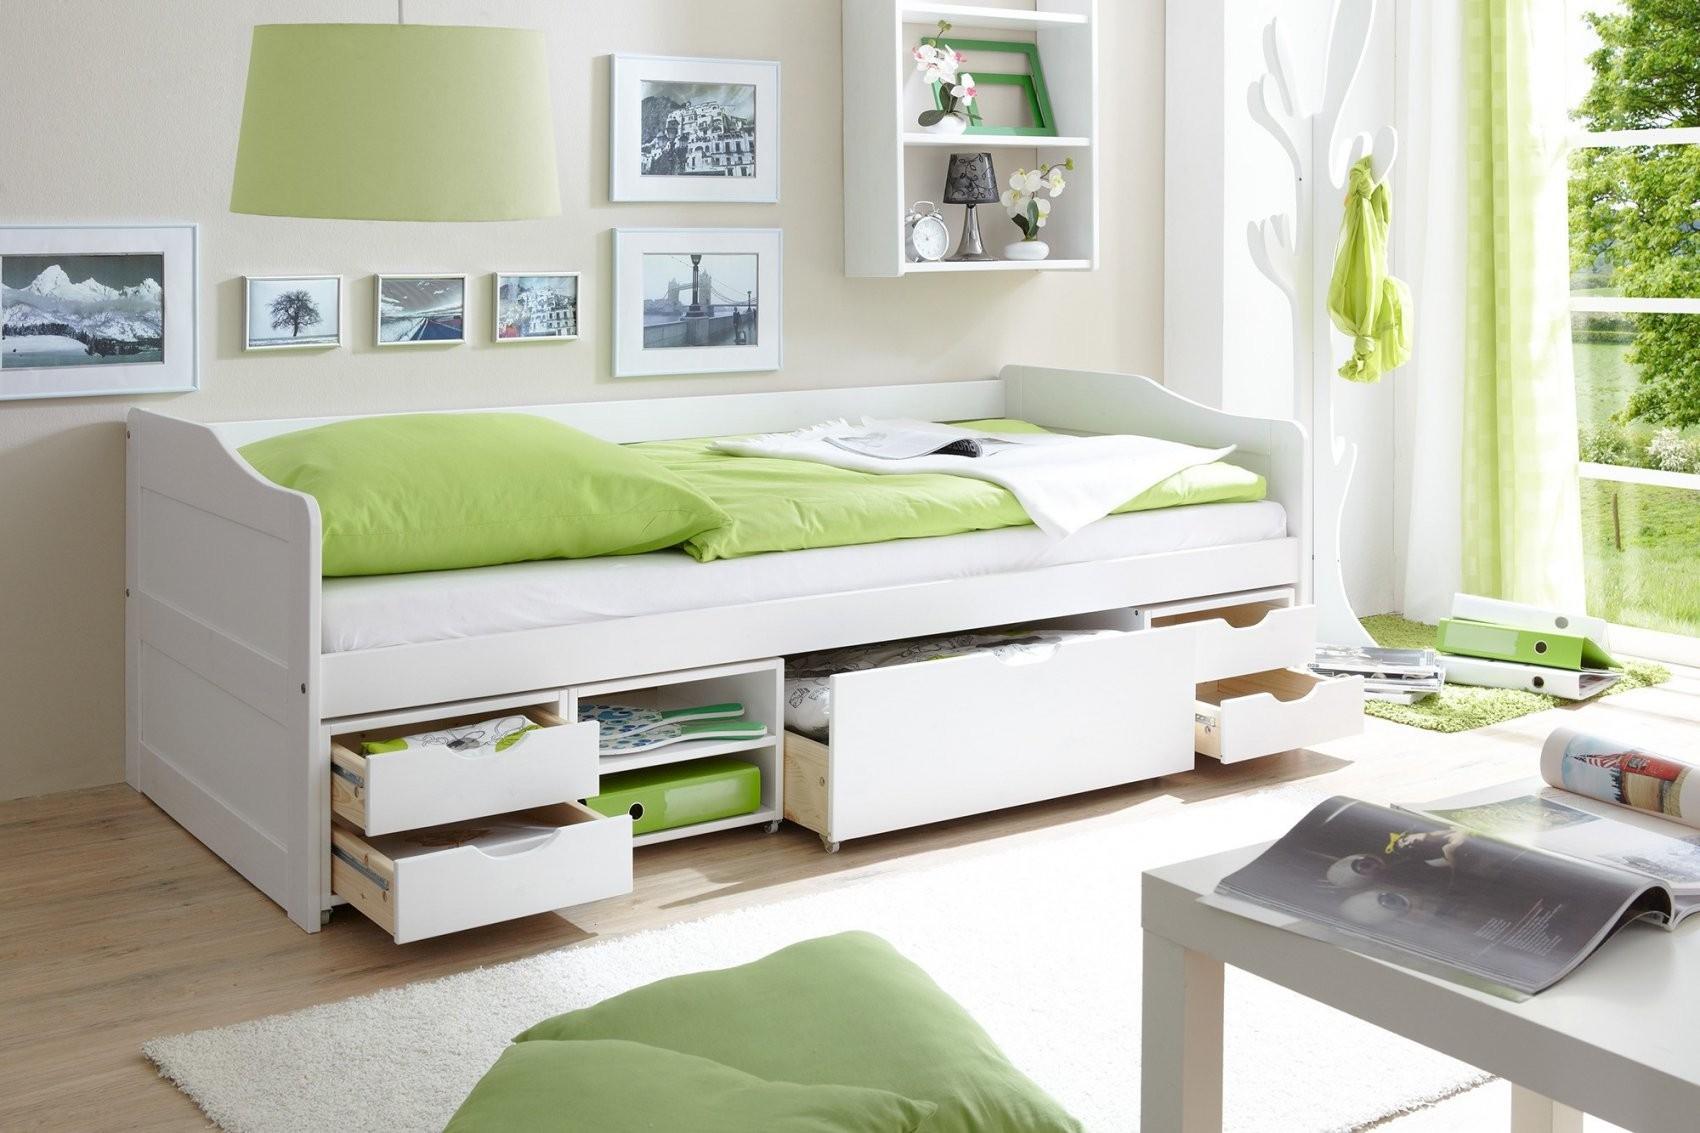 Jugendbett Mit Bettkasten  Schubladen Günstig Online Kaufen  Real von Bett 90X200 Weiß Mit Schubladen Bild